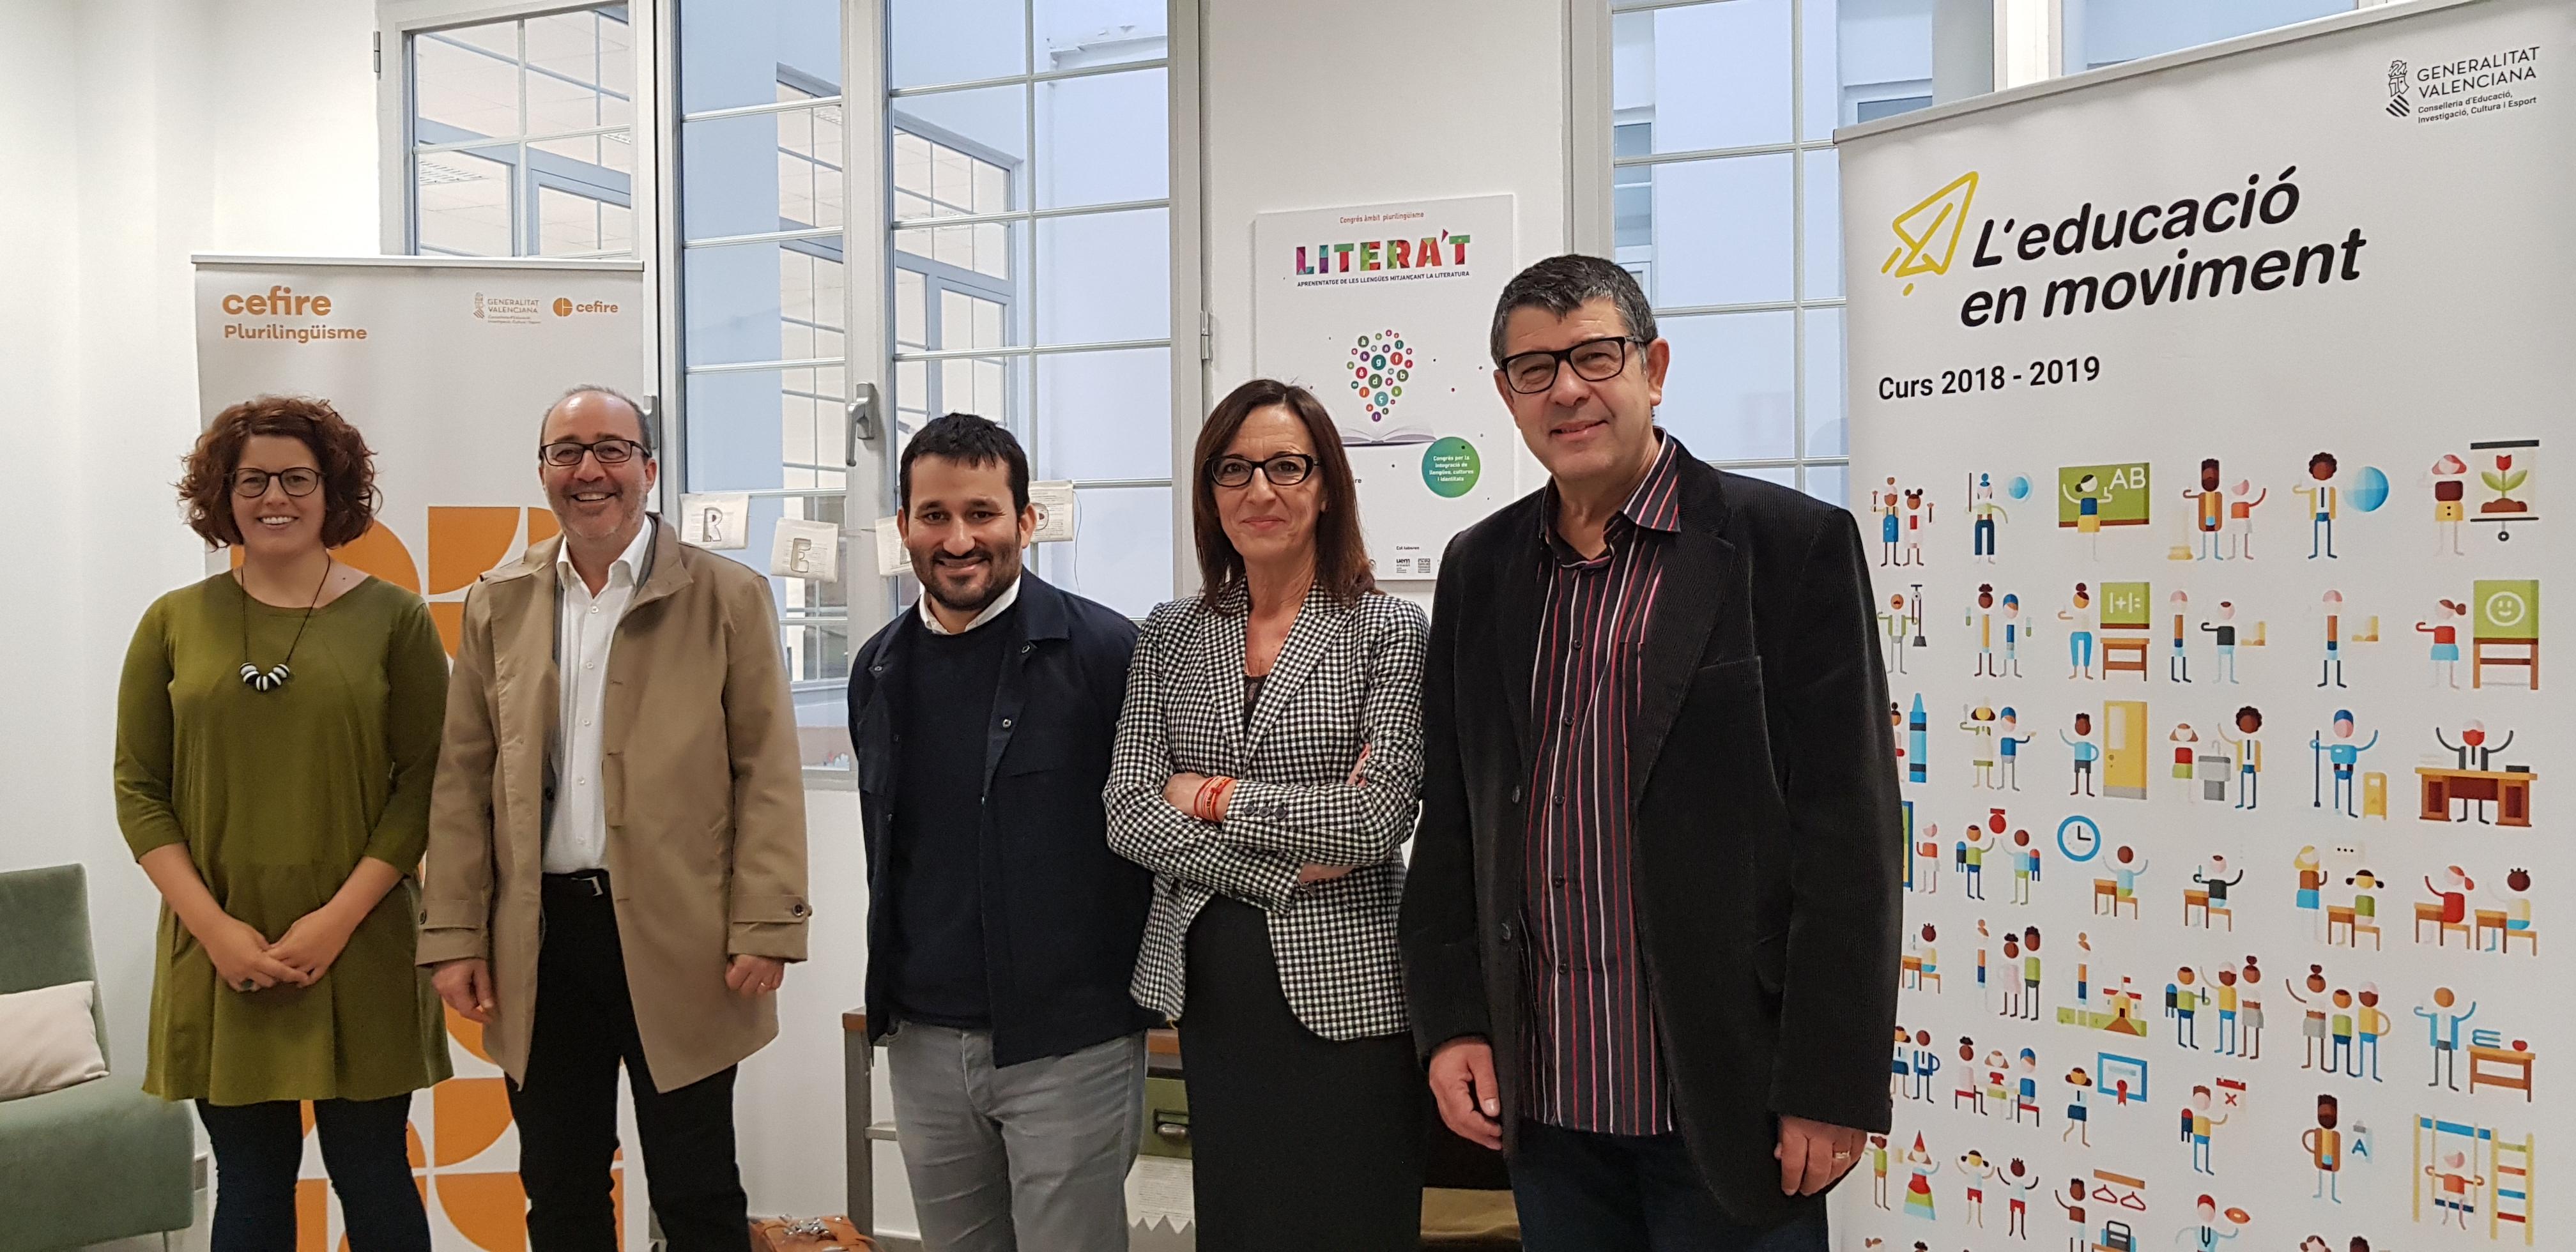 Educación y la Diputación de Valencia adjudican 20,6 millones de euros en infraestructuras escolares en La Ribera Alta.